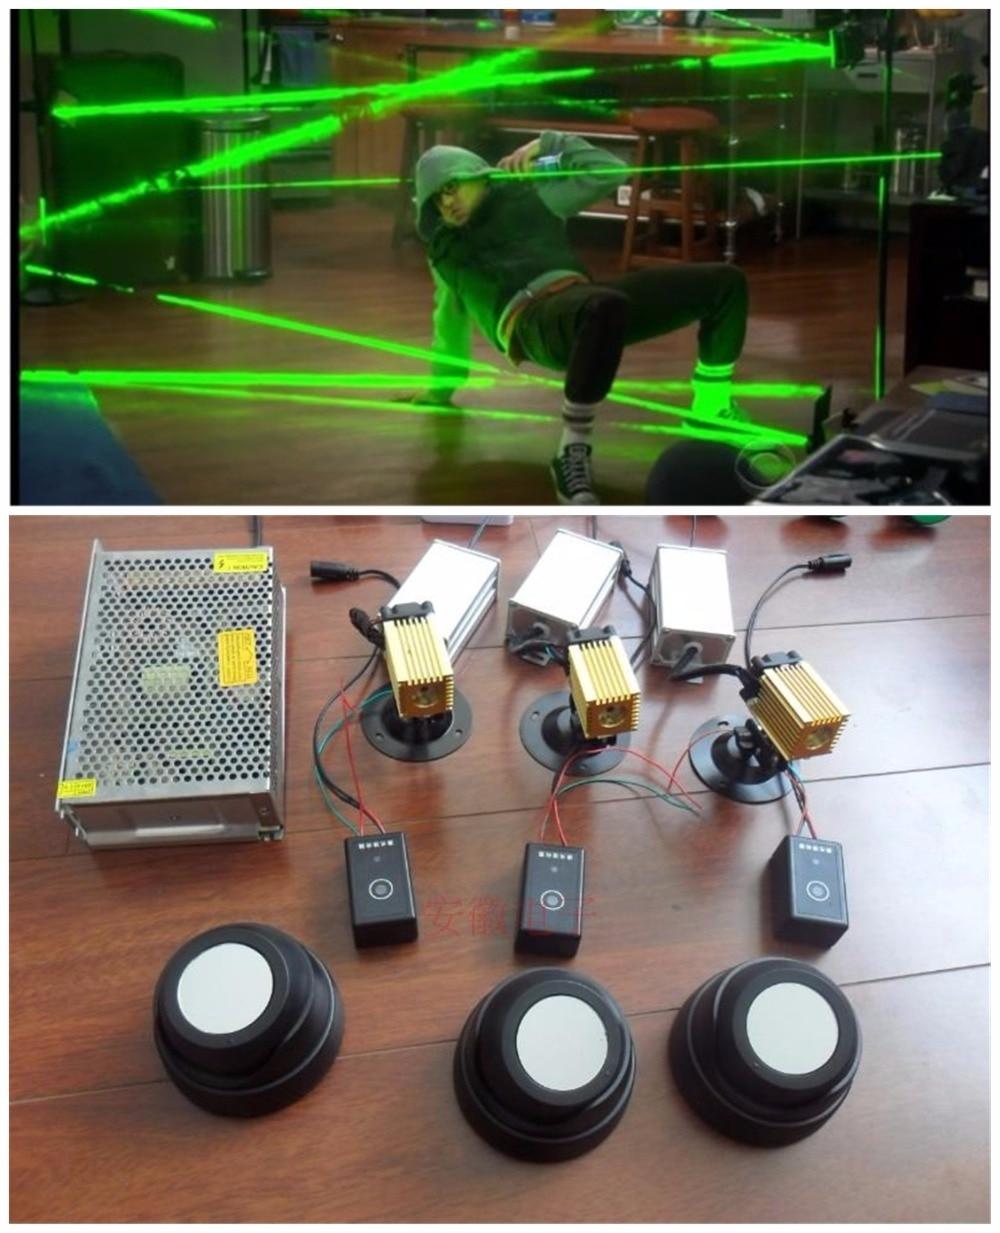 Лидер продаж дизайн magic penetralium escape реквизит реальной жизни номер зеленый лазерный Массив камера секретная игра комплект